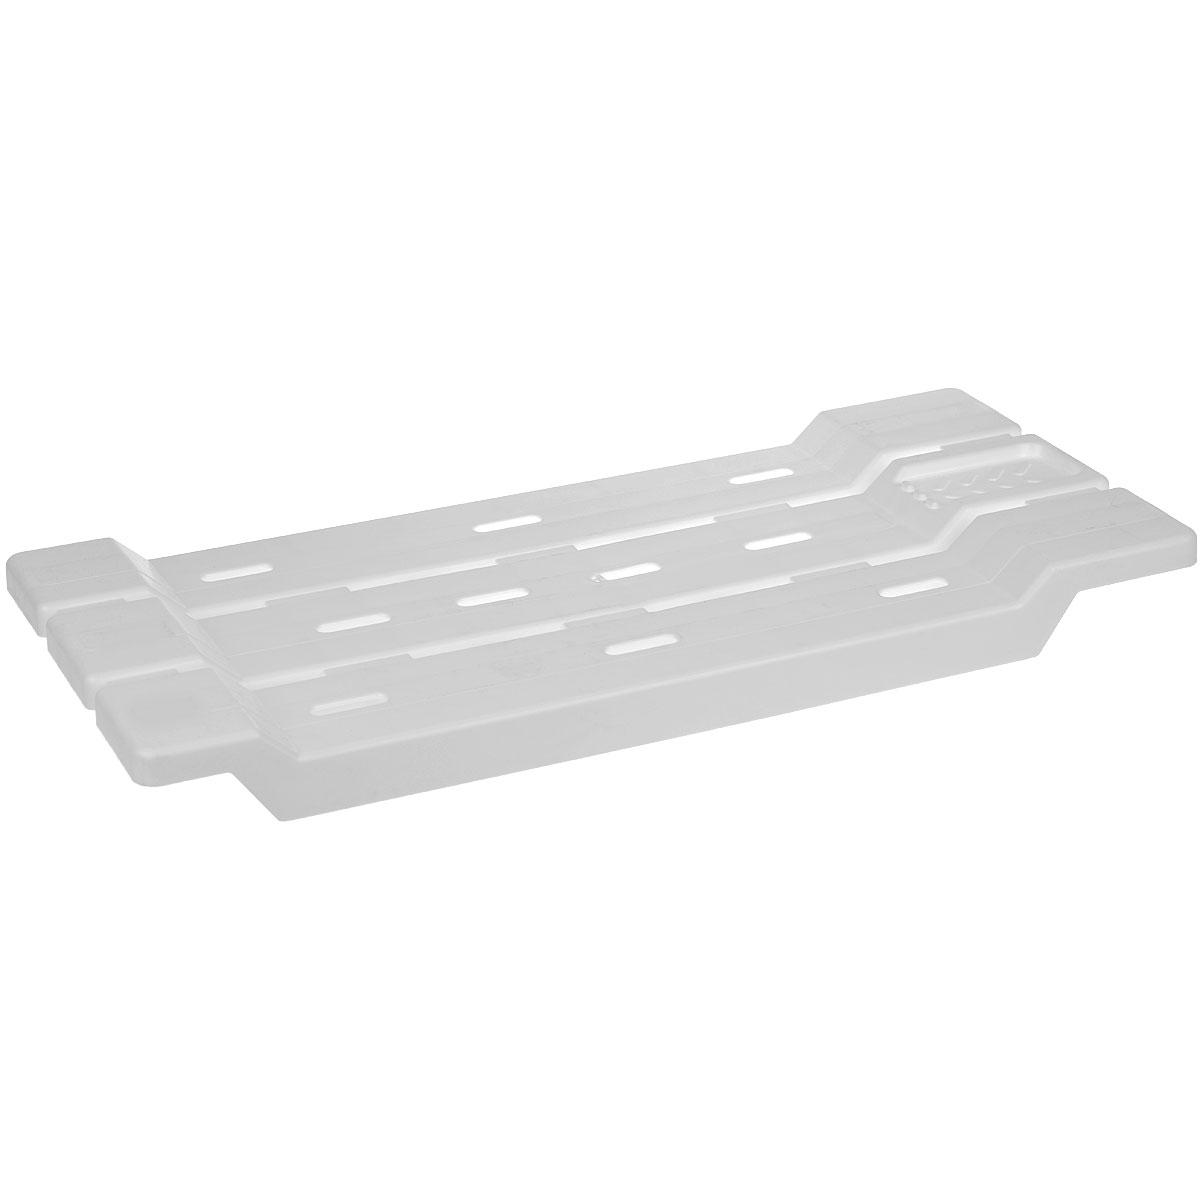 Сиденье-полка на ванну Альтернатива, цвет: белый, 31 x 6 x 68 смМ1552Сиденье-полка на ванну Альтернатива выполнено из пластика и подвешивается на борты ванной. Модель может использоваться как для сиденья при гигиенических процедурах, так и в качестве подставки. Плоские поверхности ребер сиденья препятствуют скольжению поставленных на них предметов. Не царапает ванну, так как в конструкции отсутствуют металлические части. Сиденье-полка подходит как для узкой так и для широкой ванны. Предусмотрено место для мыла.